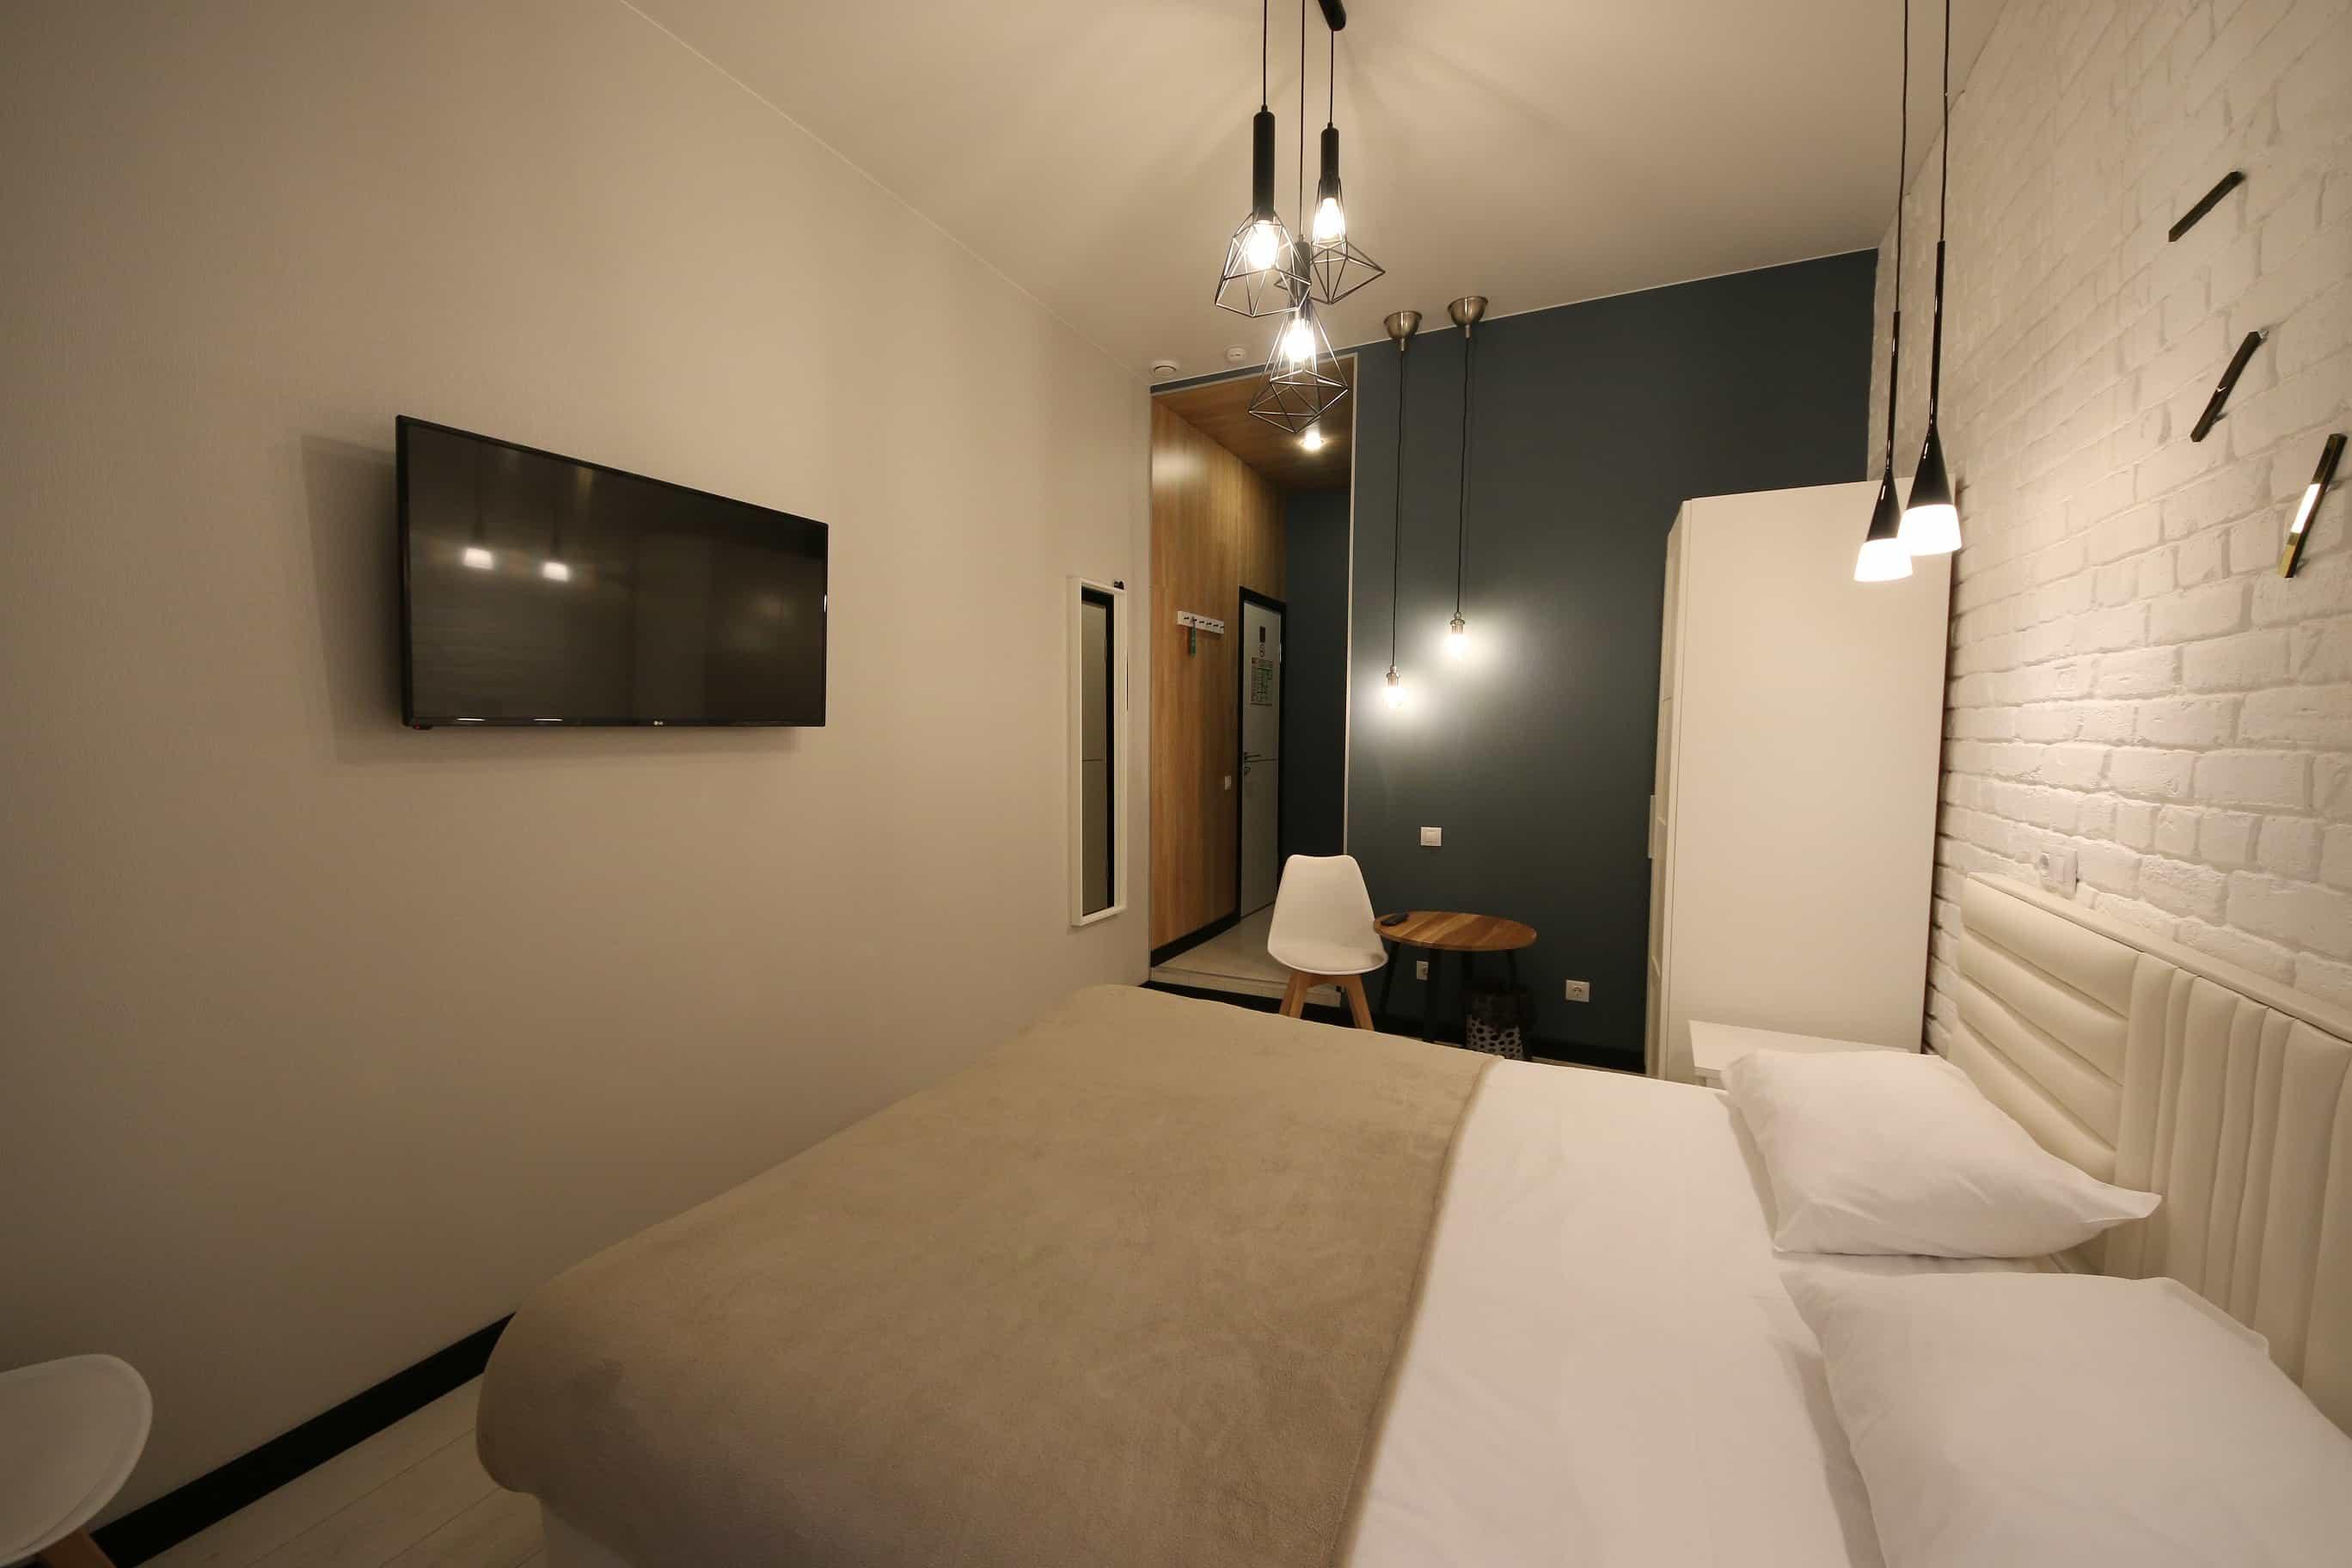 Rooms photo